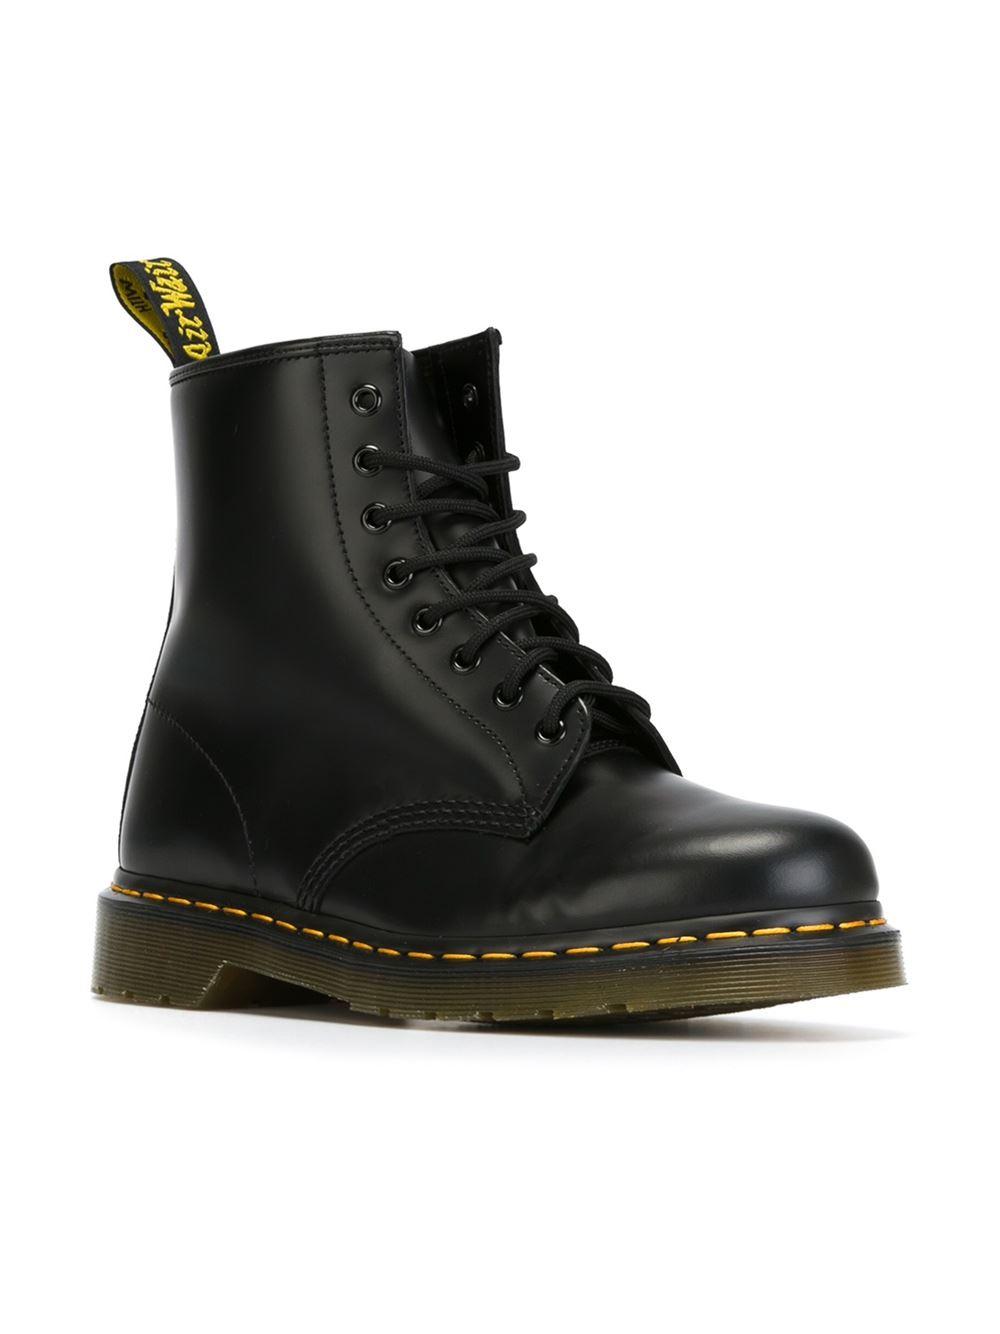 dr martens 39 1460 39 boots in black for men lyst. Black Bedroom Furniture Sets. Home Design Ideas